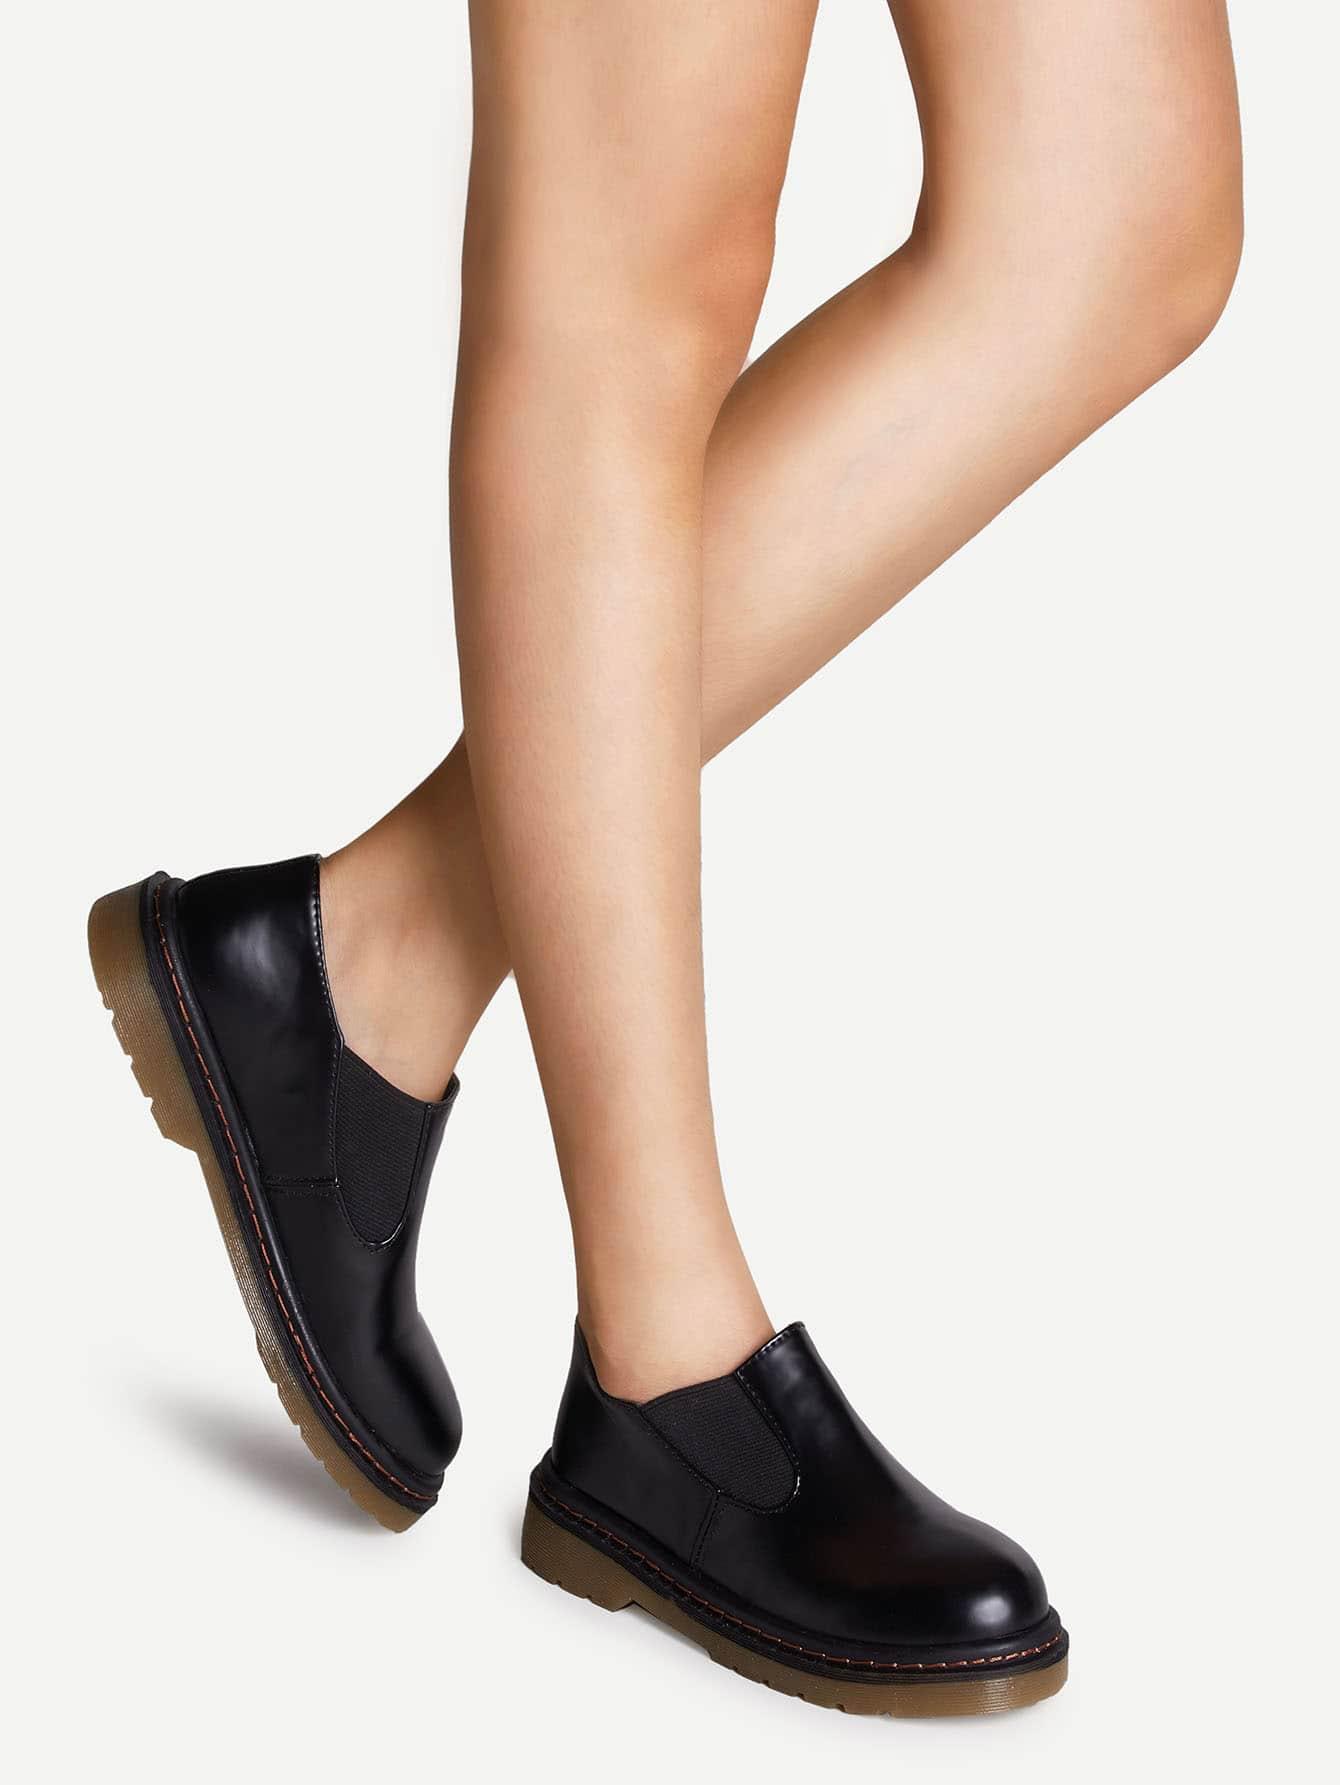 shoes160831805_2